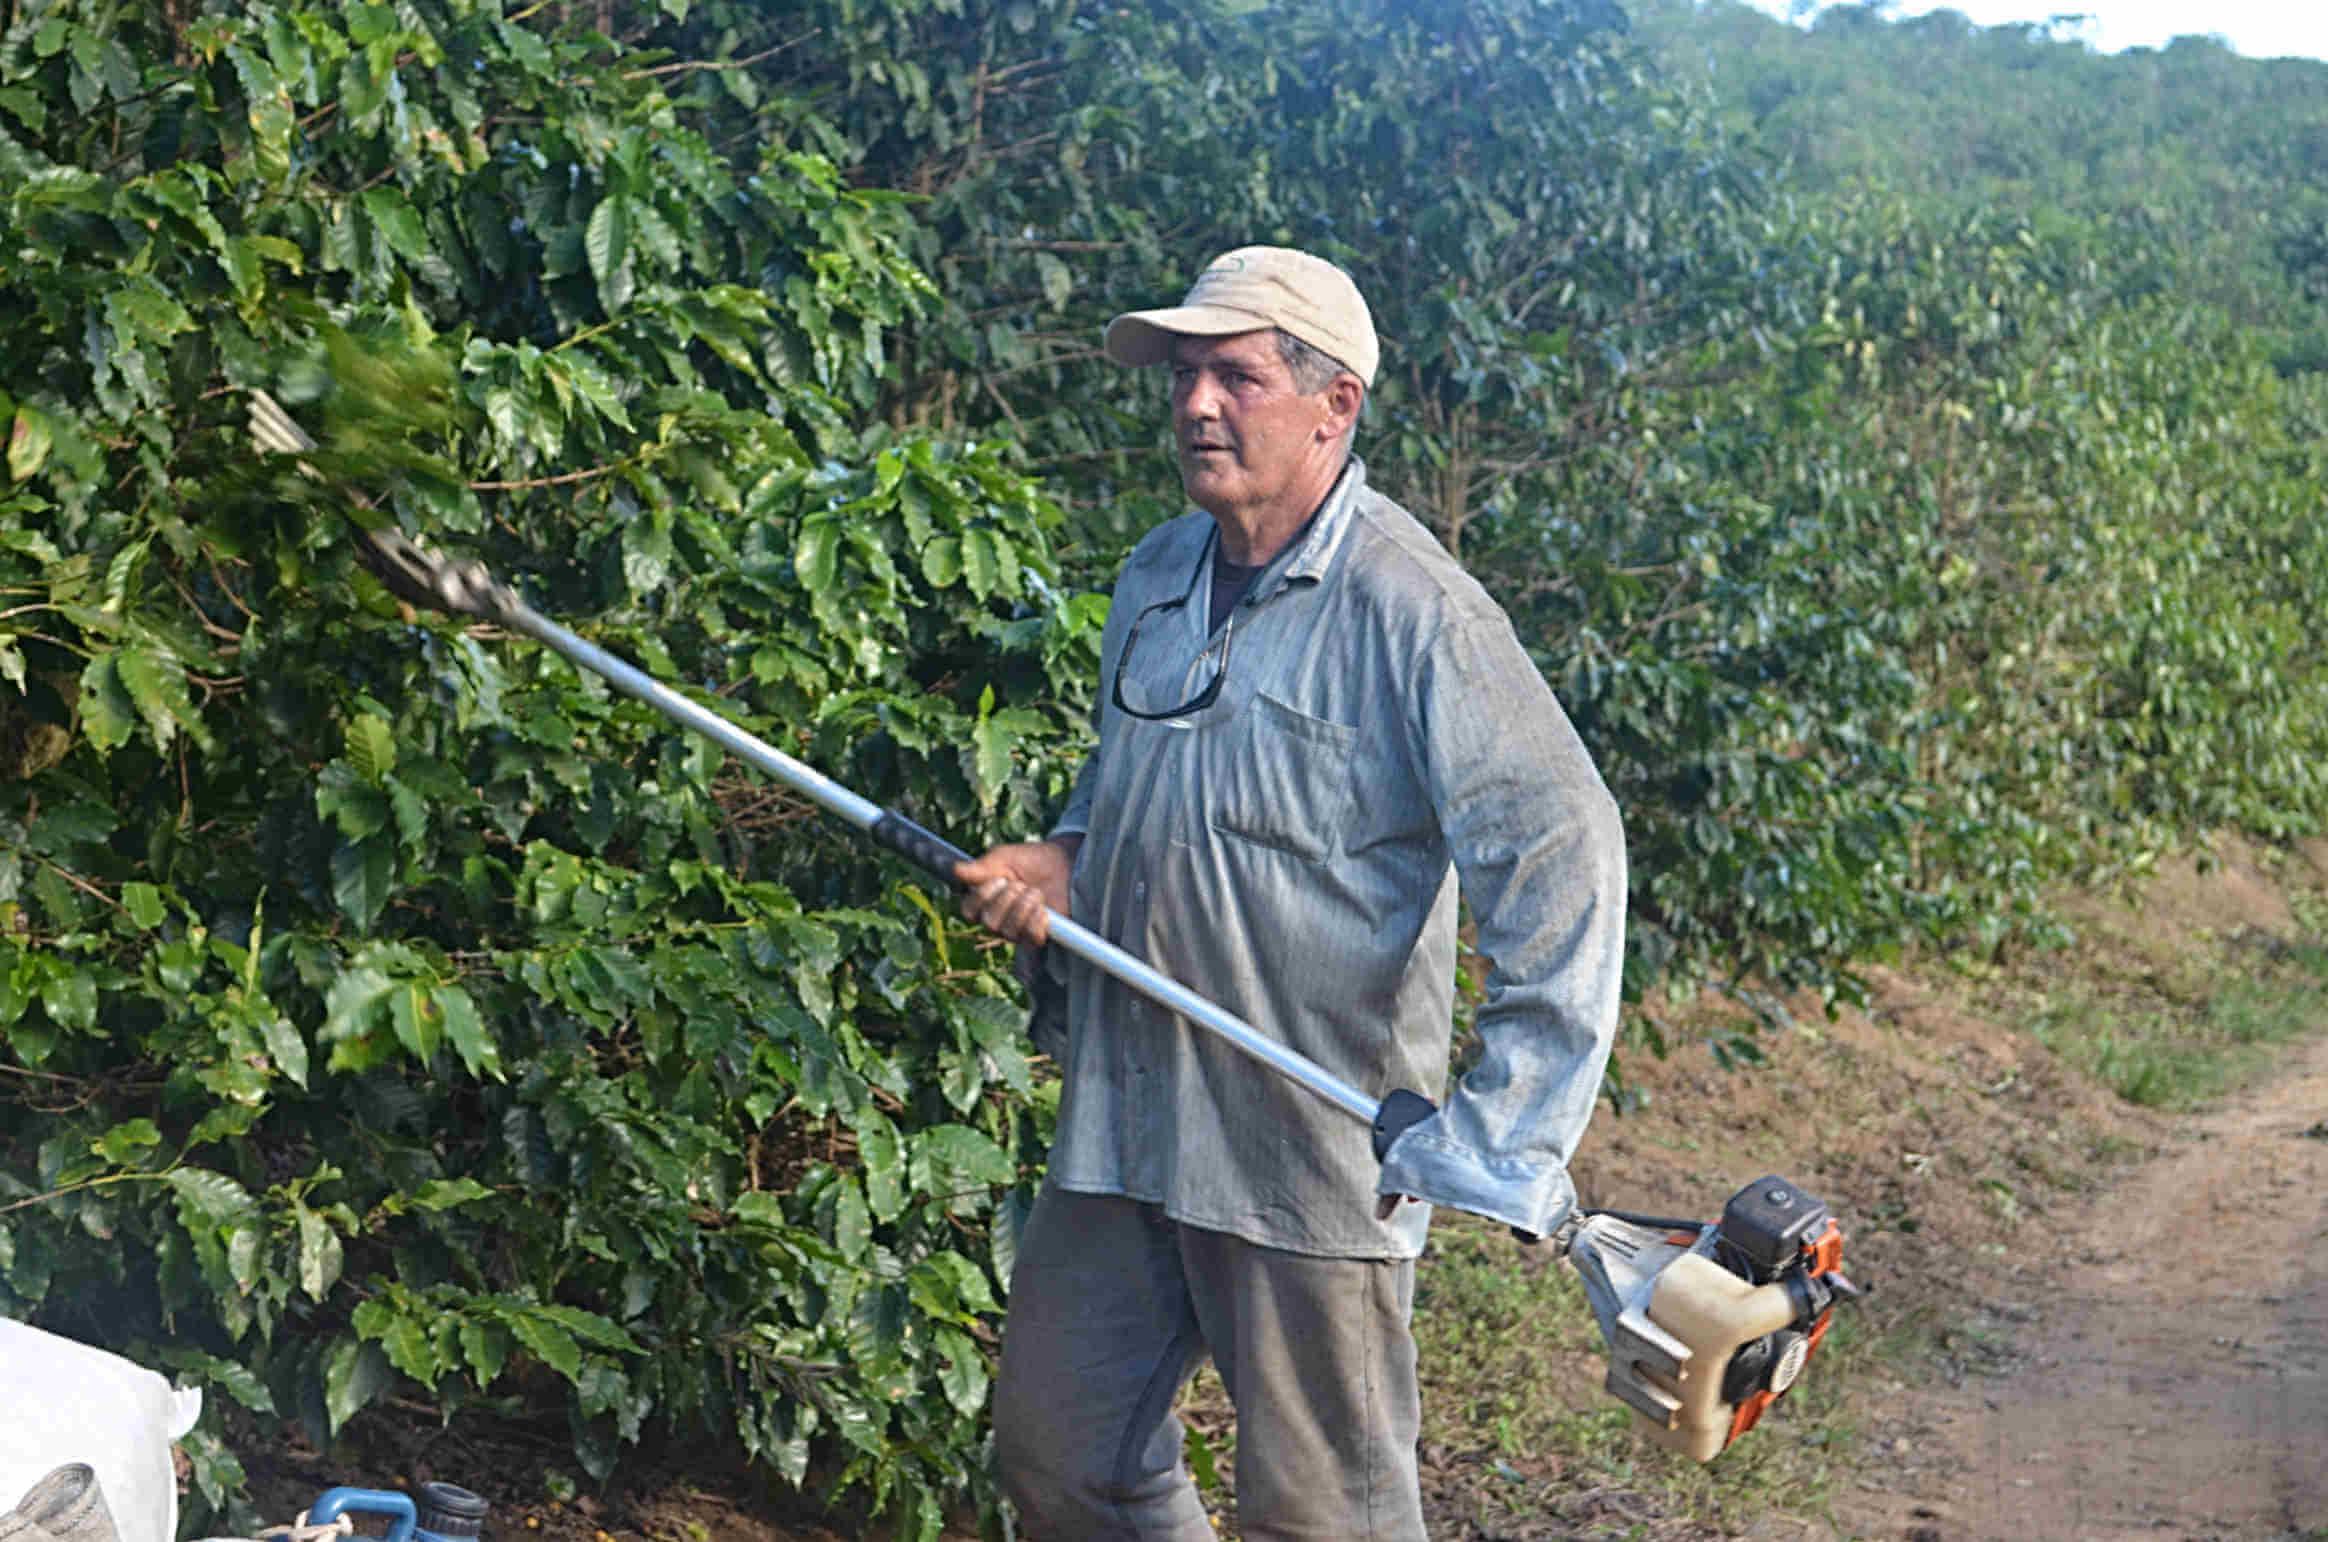 Zbiory kawy wBrazylii – Rzadko spotykane wBrazylii zbiory nawpół zmechanizowane, wykonywane przy użyciu specjalnych urządzeń.